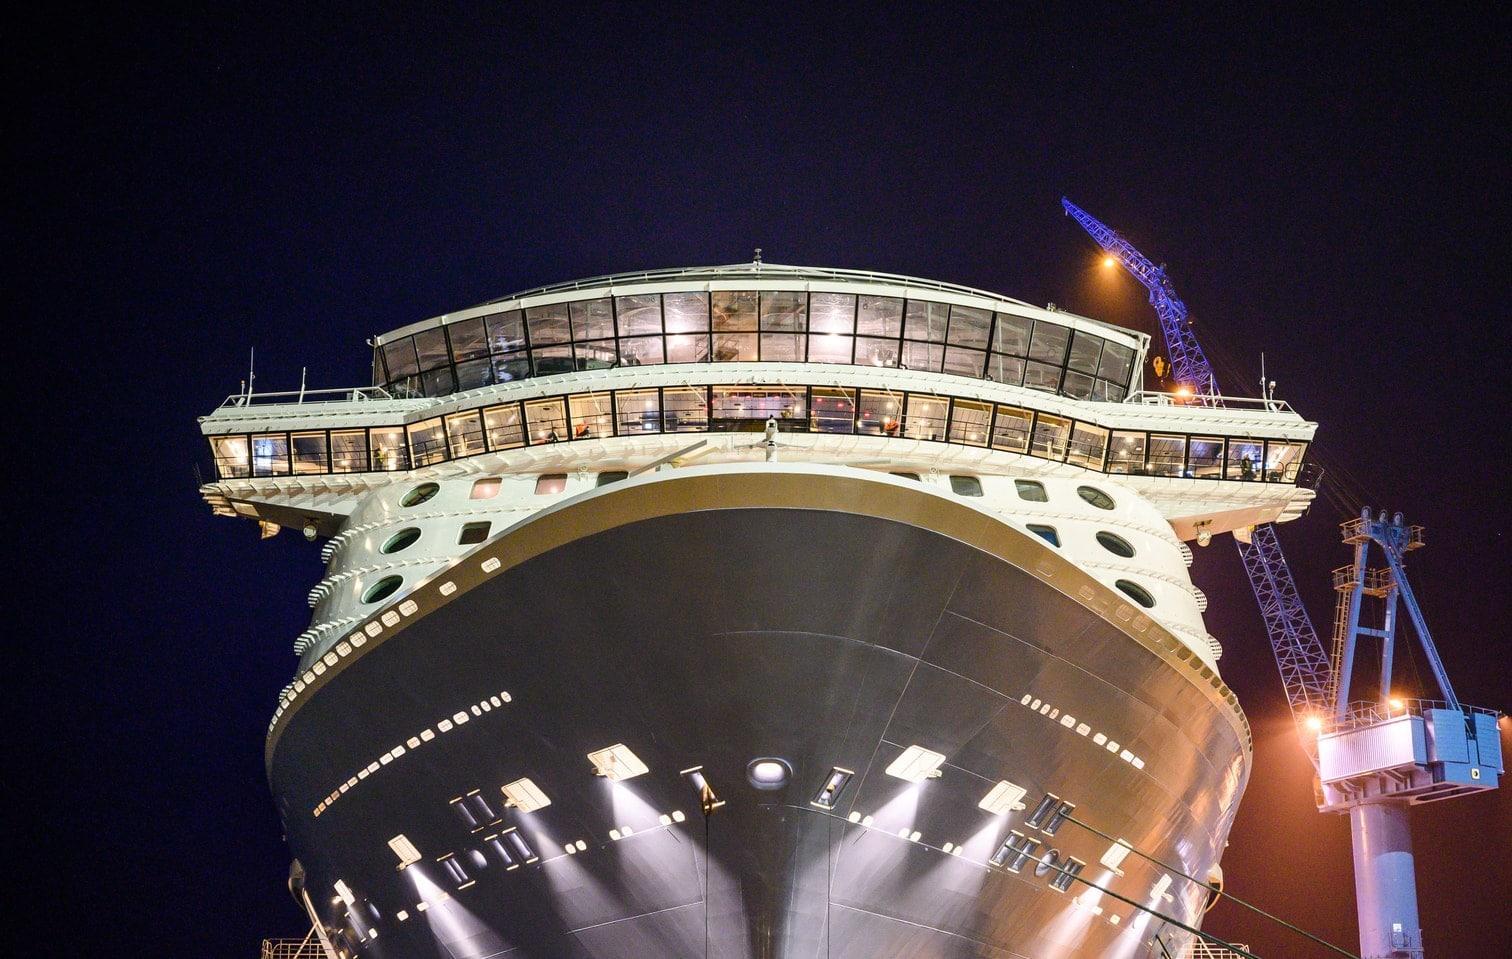 <p>Über die Ems wurde das riesige Schiff rückwärts in Richtung Nordsee manövriert.</p> Foto: dpa/Christophe Gateau